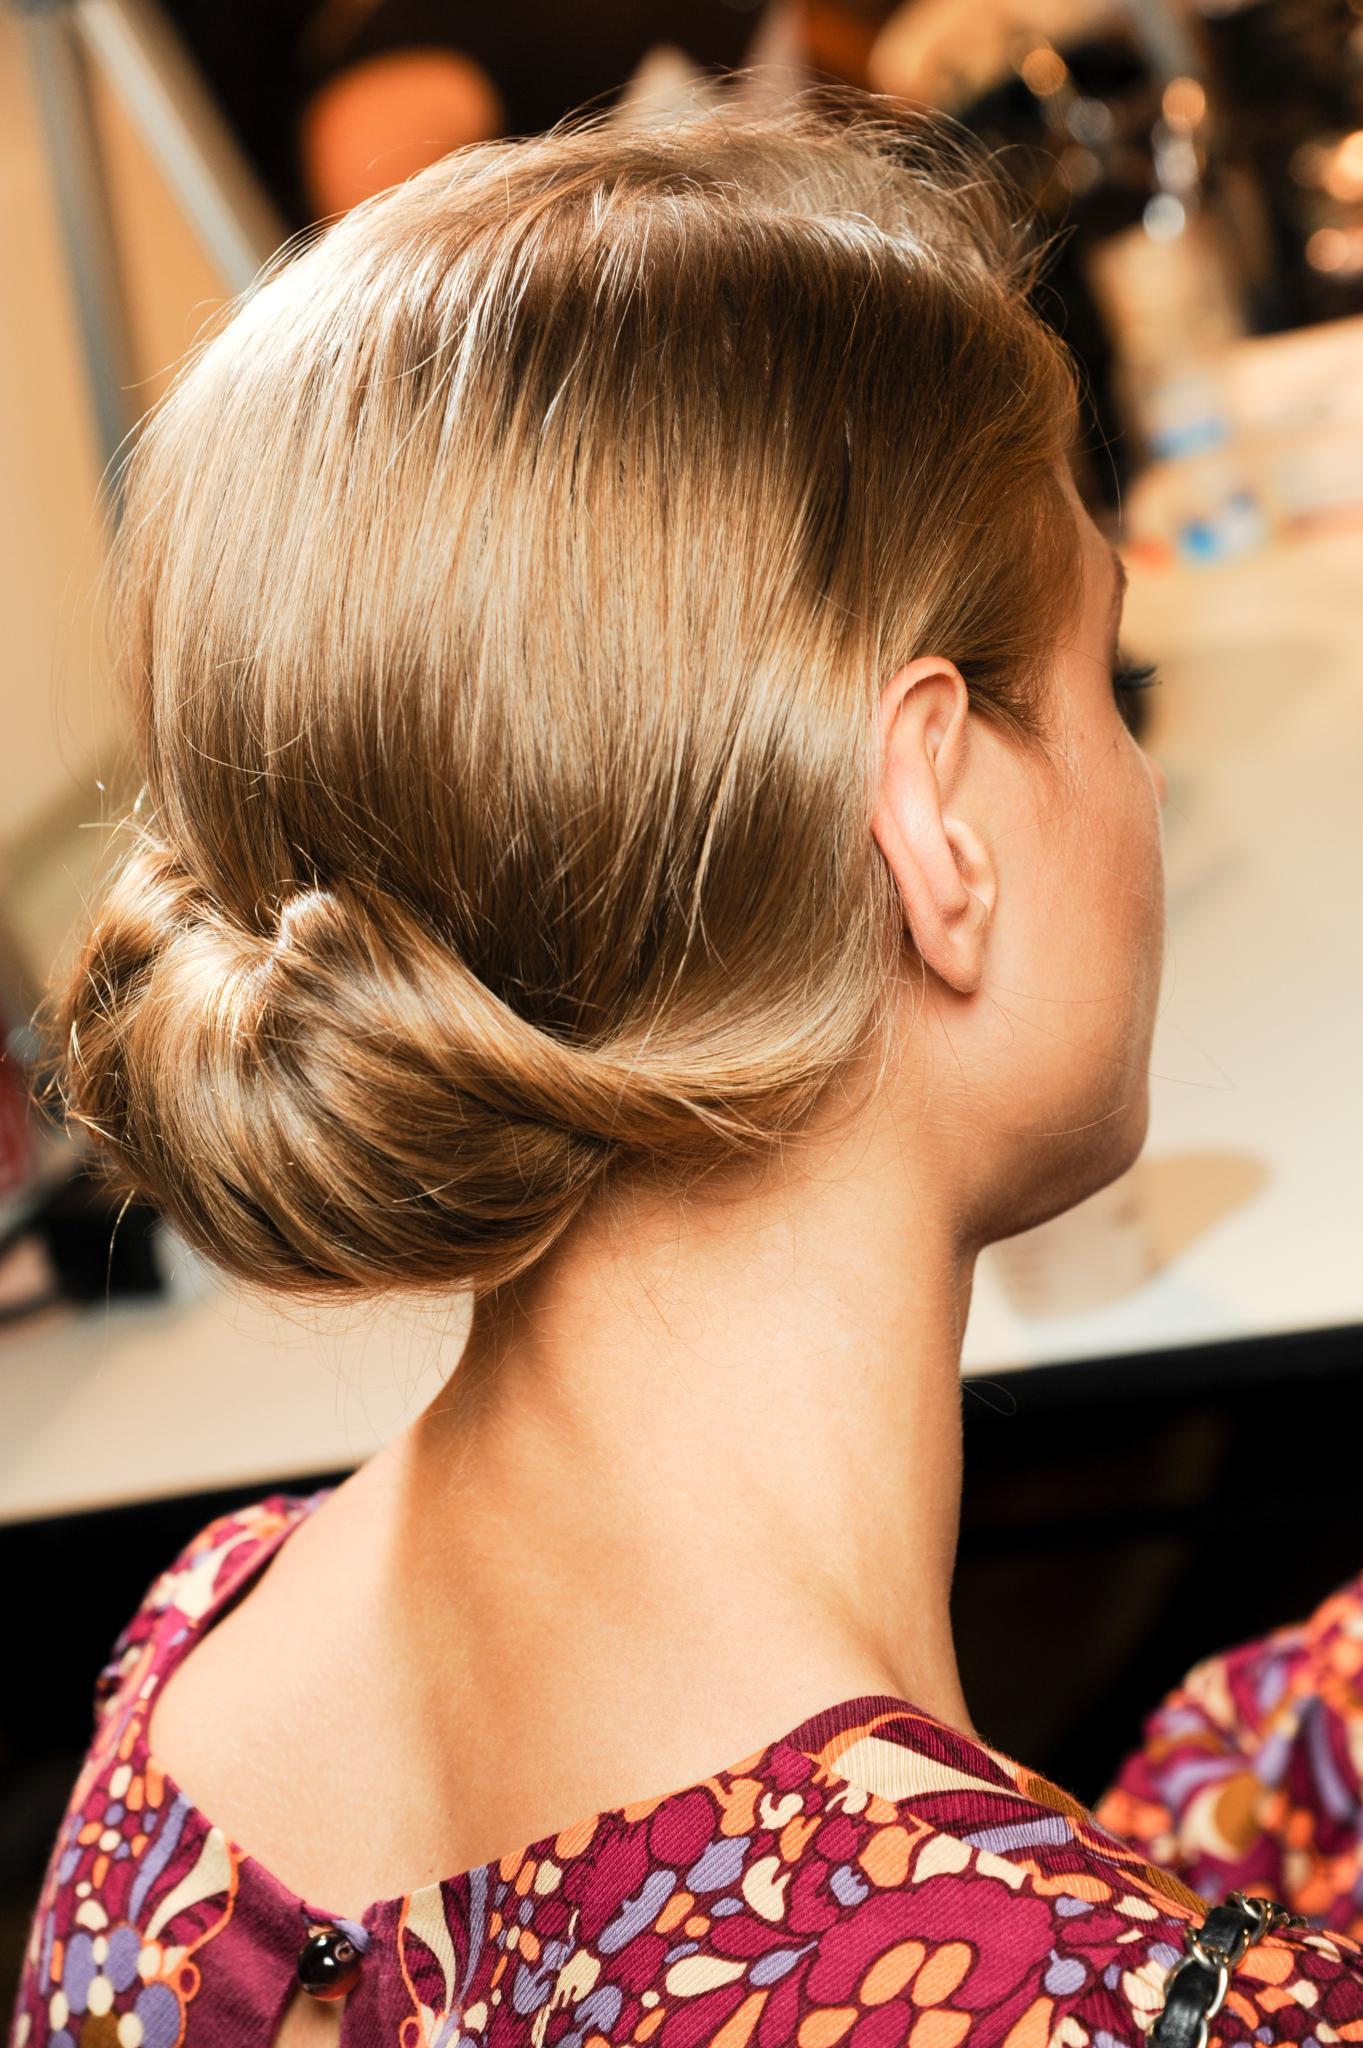 Vista de atrás, cabello rubio recogido en un rodete flojo